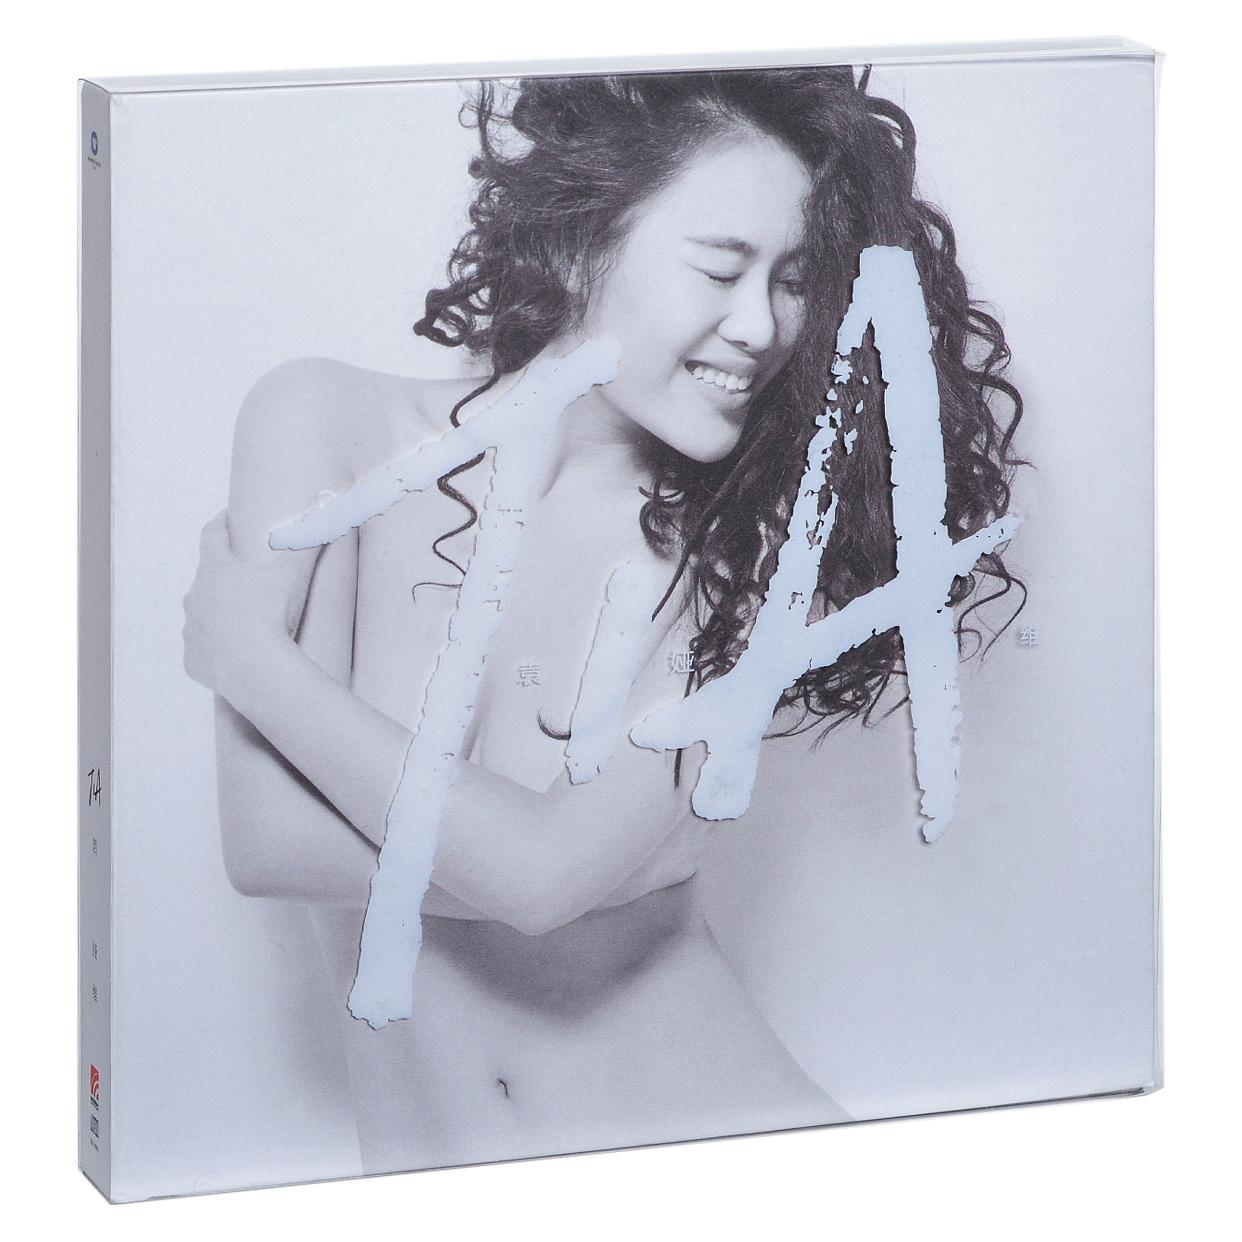 正版唱片 袁娅维套装:T.I.A. + TIARA 2张专辑 2CD